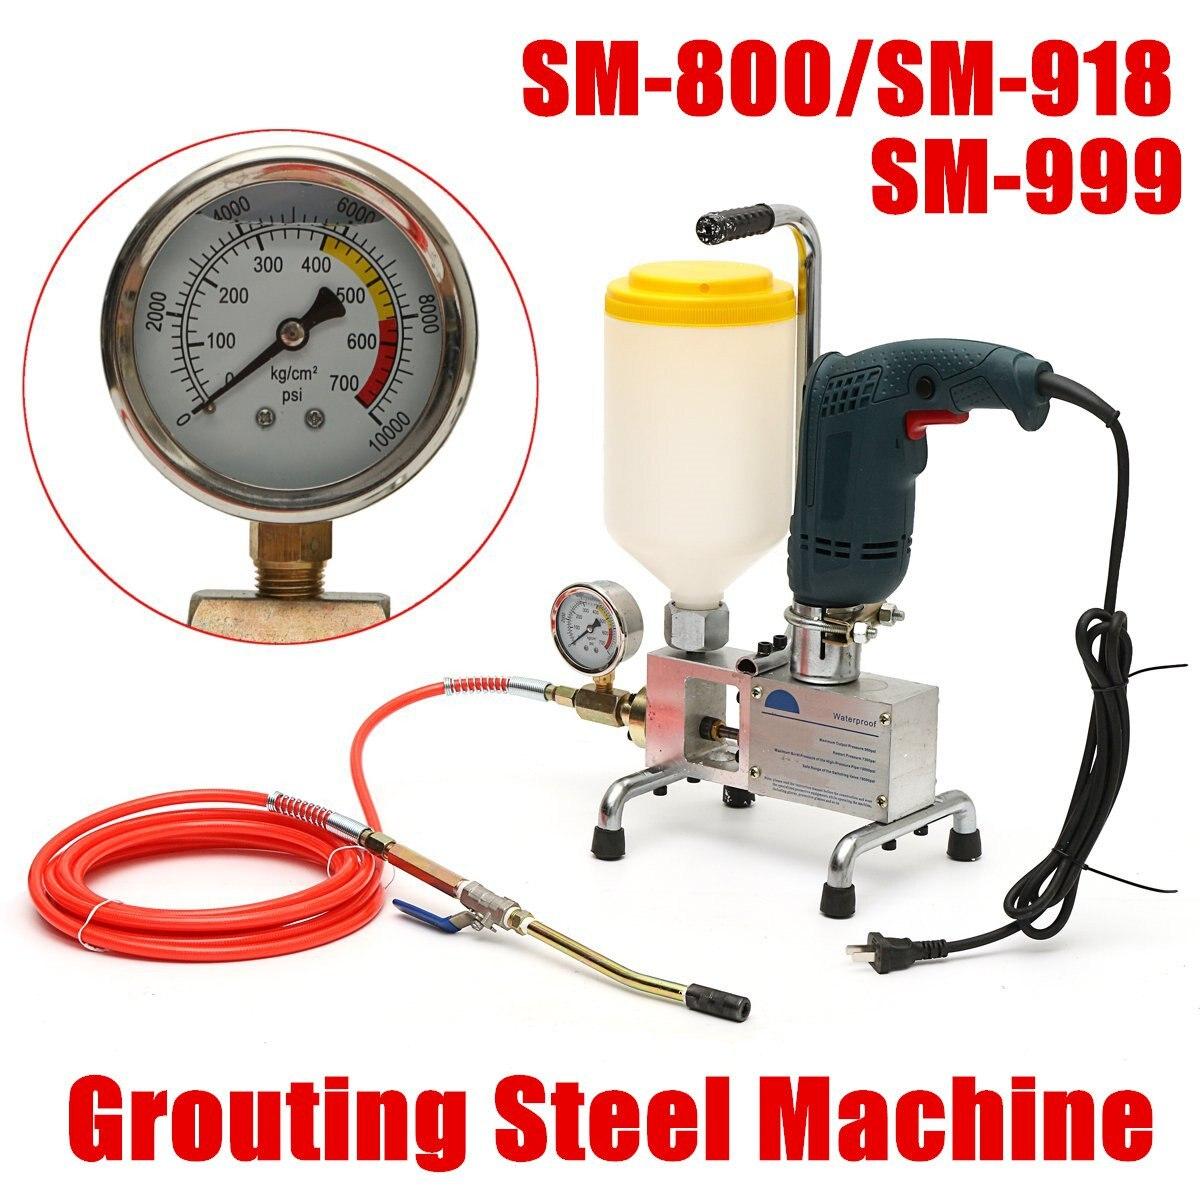 Pompe d'injection époxy époxy/polyuréthane mousse injection Machine tuyau en acier réparation de béton fissure nouveauté